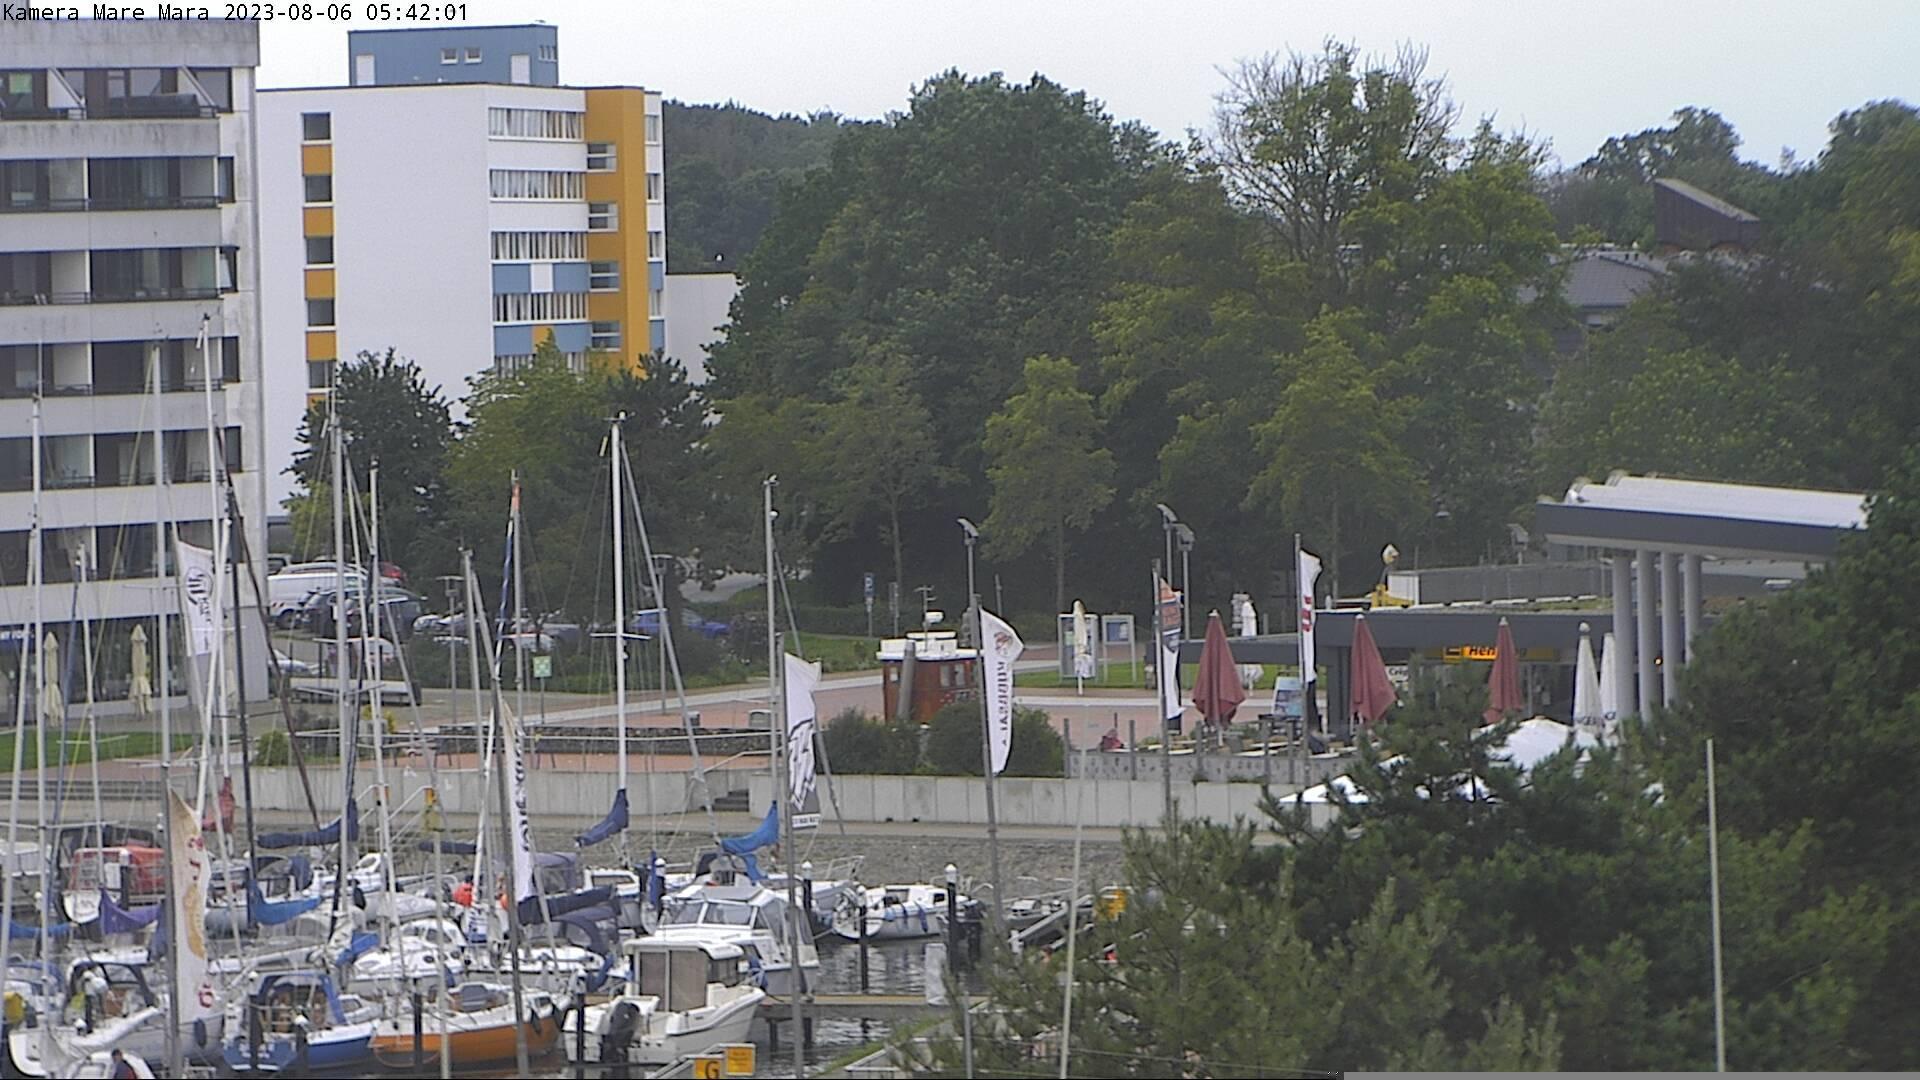 Webcam Nieby: Aktionsstrand und Promenade im Ostsee Resor